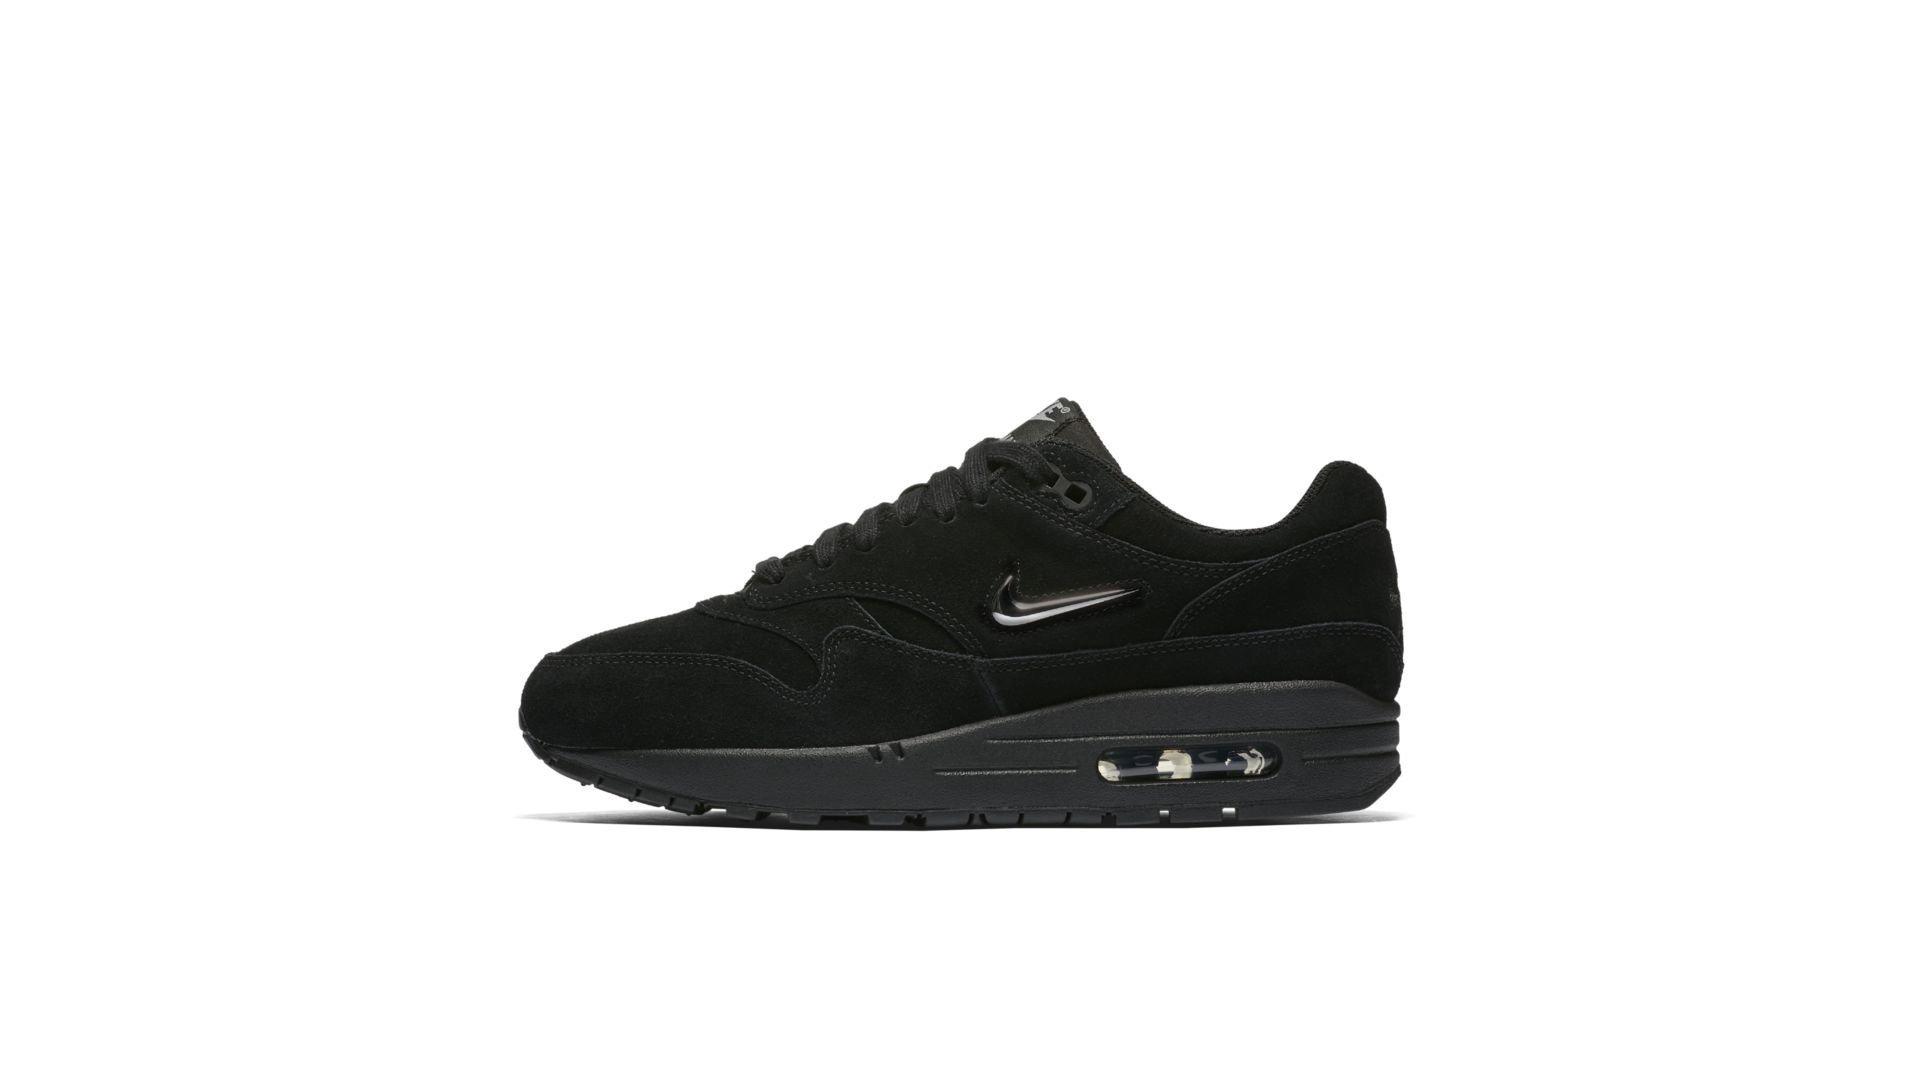 Nike Wmns Air Max 1 Premium Black/Metallic Silver (AA0512-001)